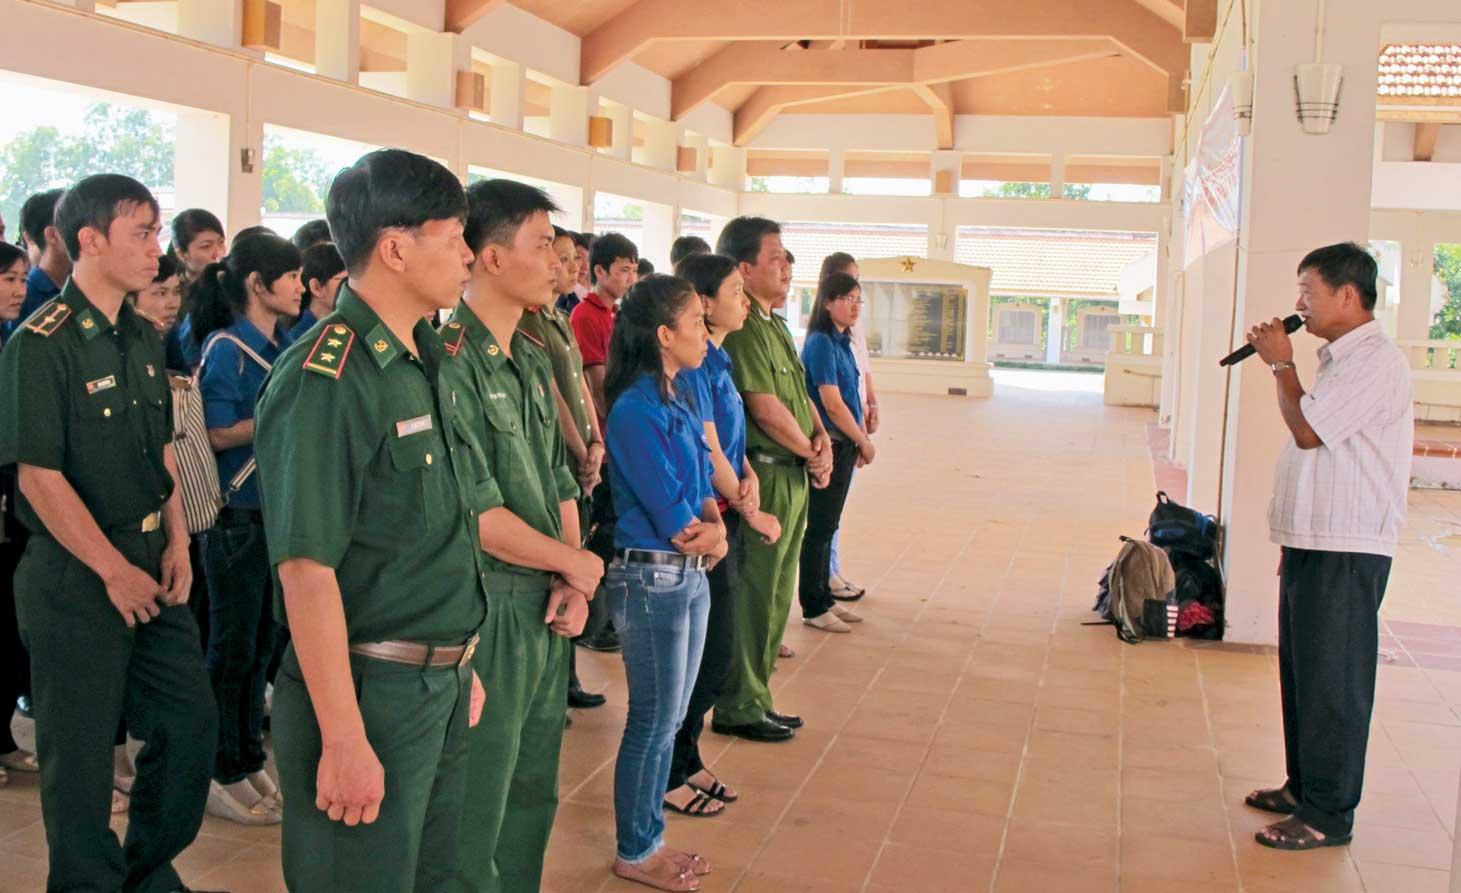 Đoàn viên, thanh niên tham quan Khu di tích lịch sử Cách mạng tỉnh và nghe thuyết minh về nơi ghi dấu những sự kiện quan trọng